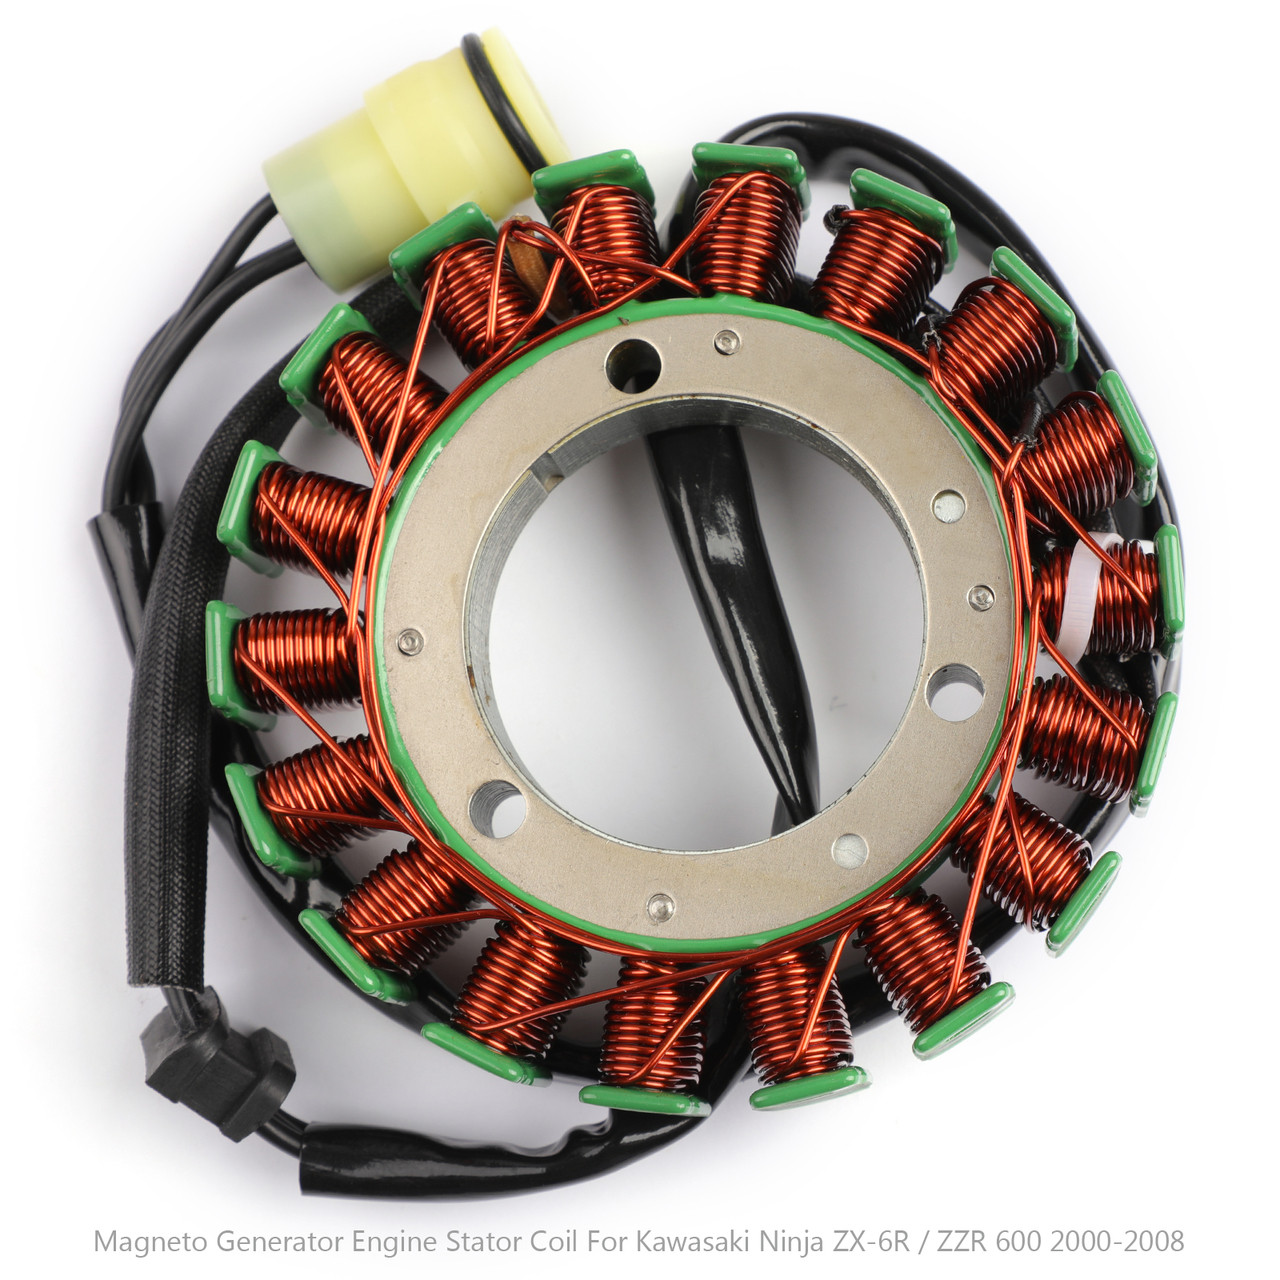 Generator Stator For Kawasaki ZX600 Ninja ZX-6R 2005 ZX-6R 00-02 ZZR600 ZX600 06-08 ZX636 Ninja ZX-6R 02